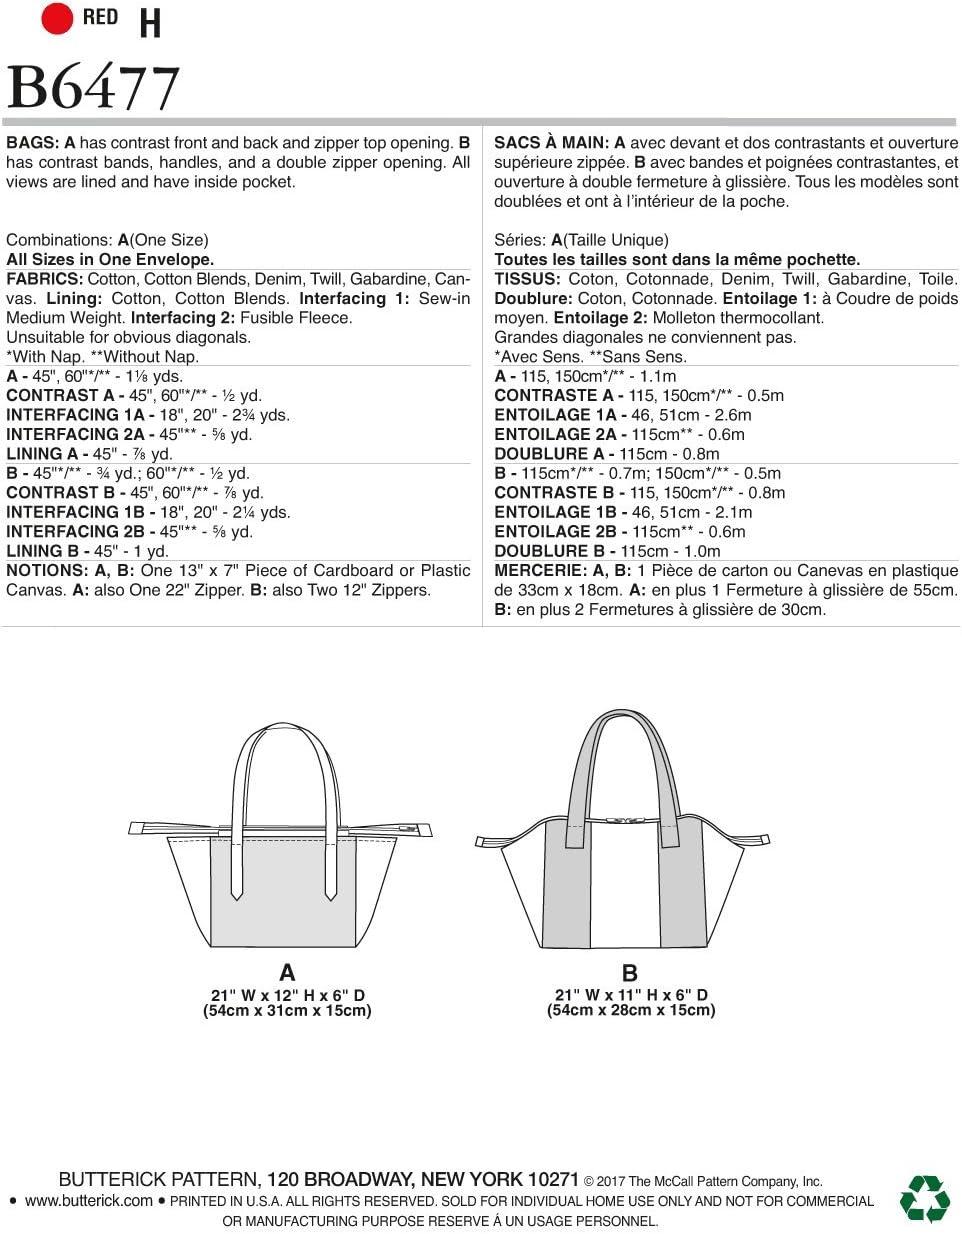 Butterick Patterns 6477/Sacs dun Patron de Couture Multicolore